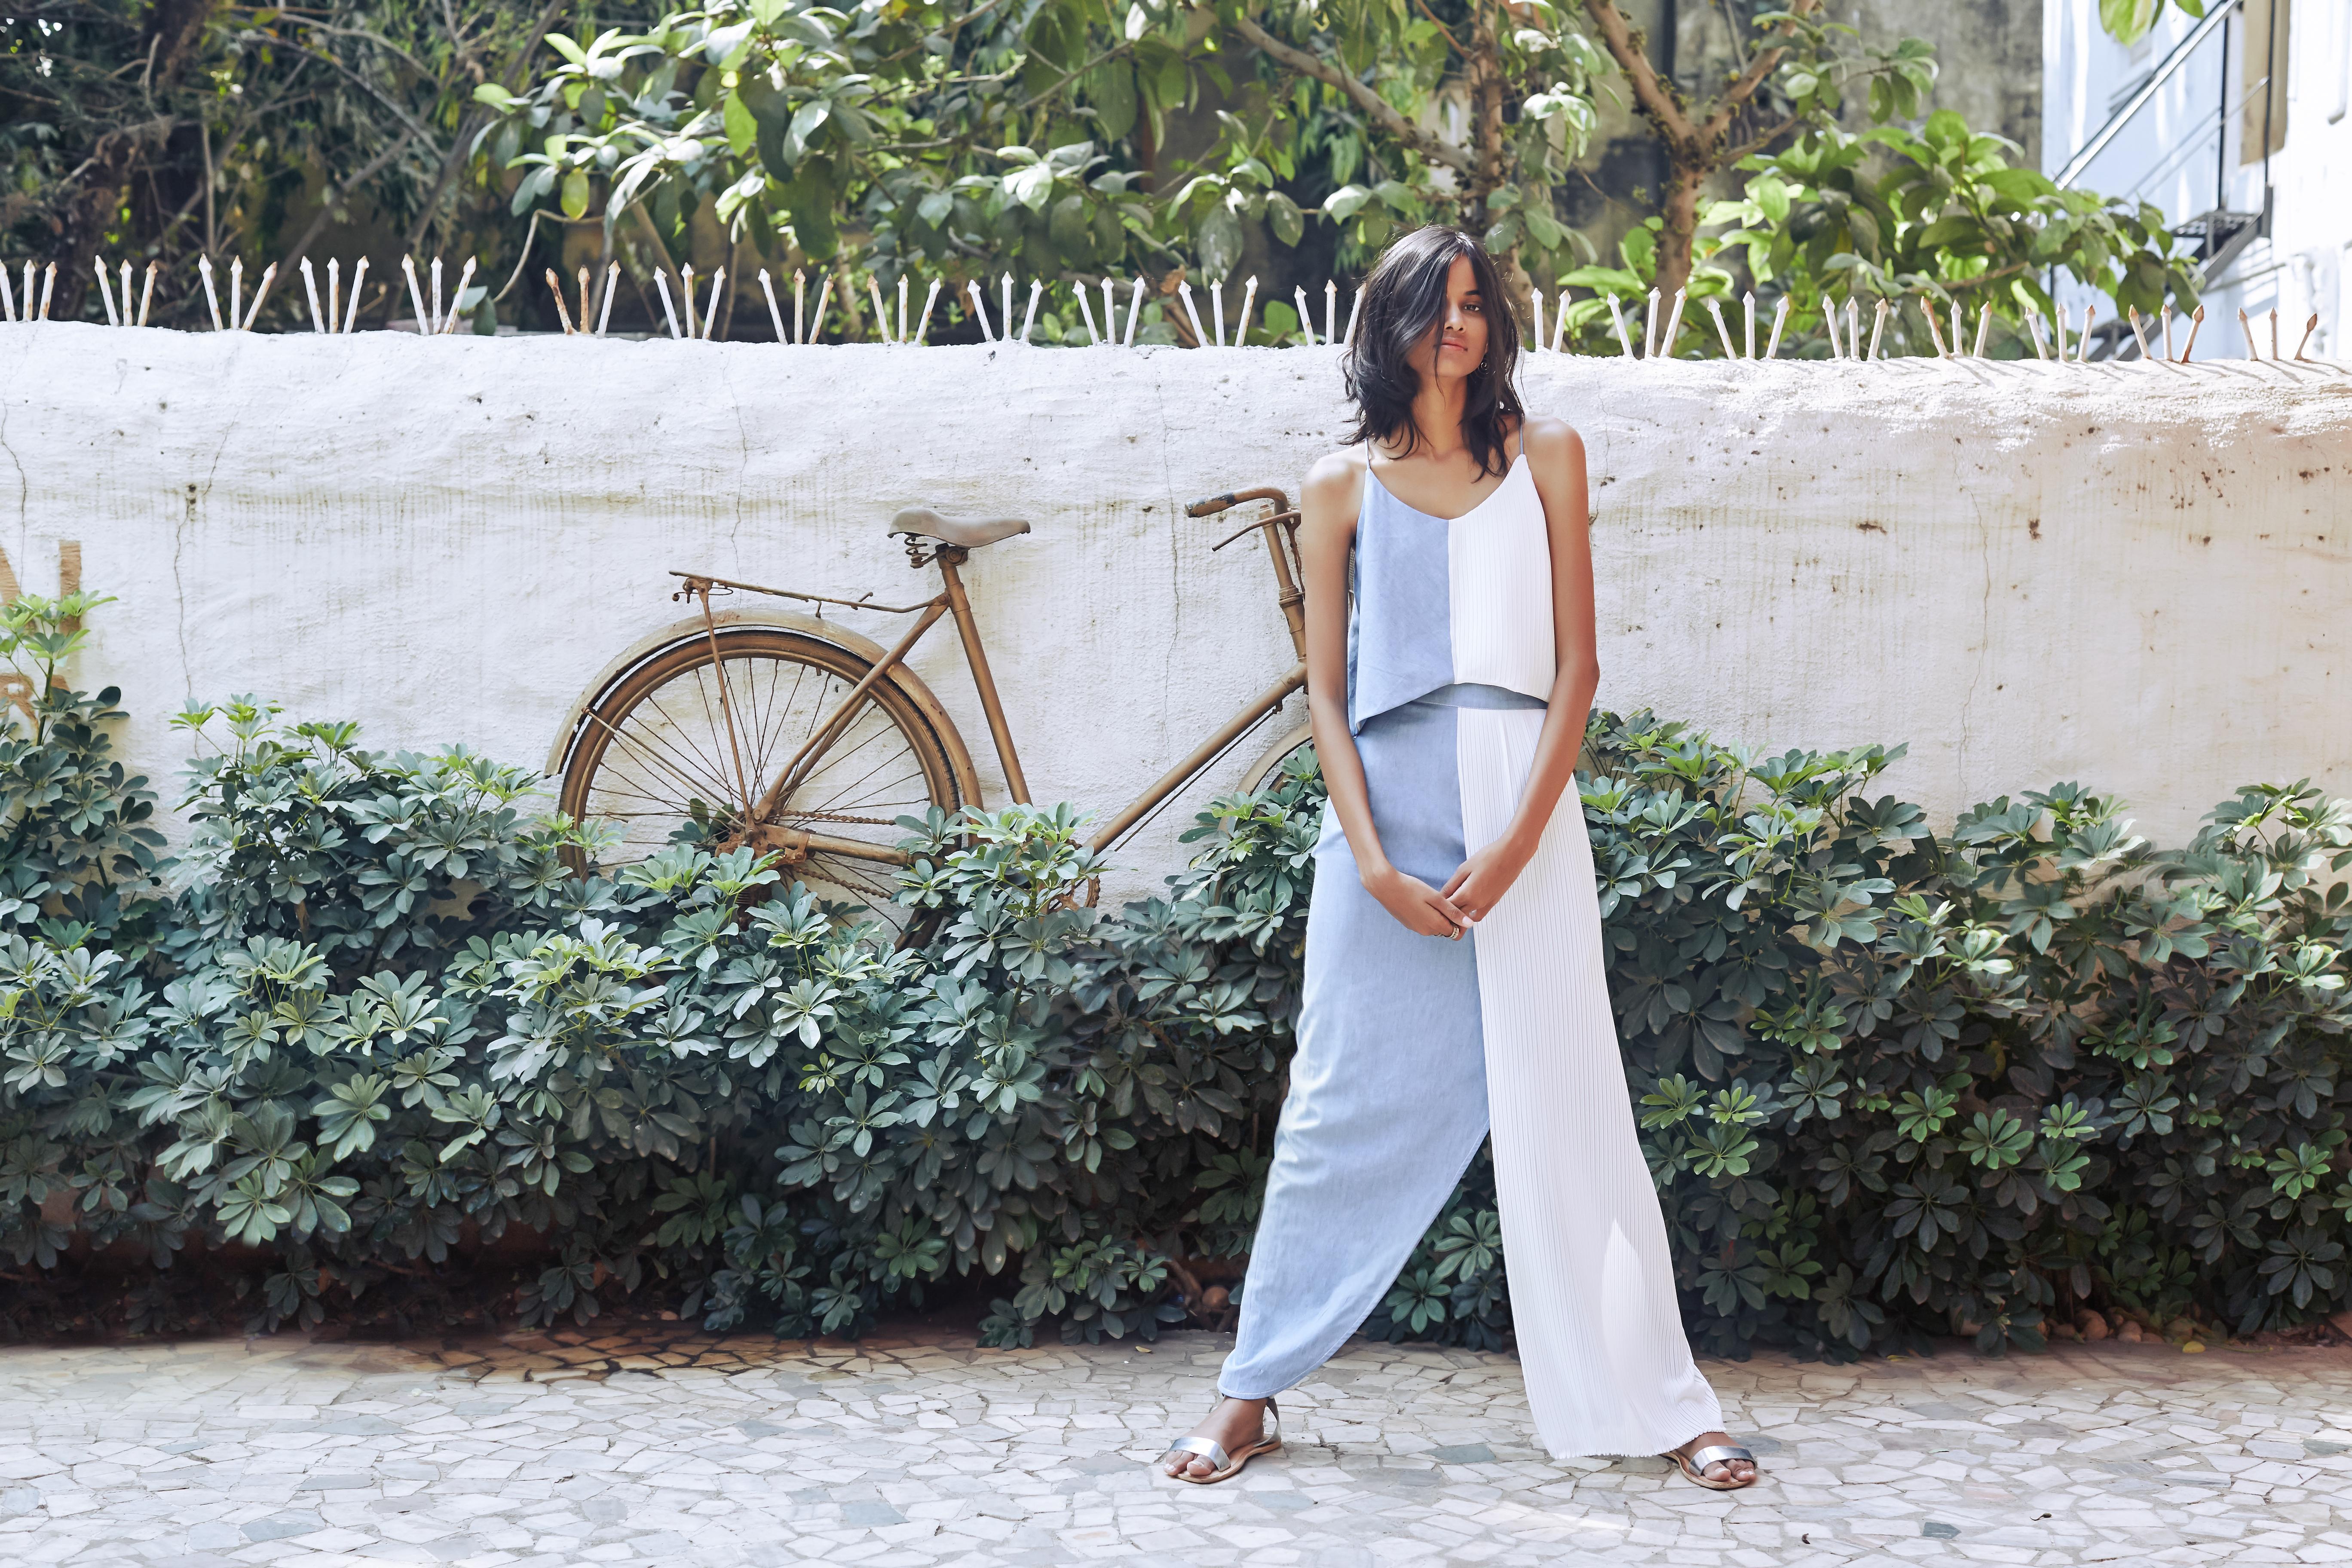 Aruni Summer Resort 2016 'The Denim and Pleats Story' - Photography by Prerna Nainwal